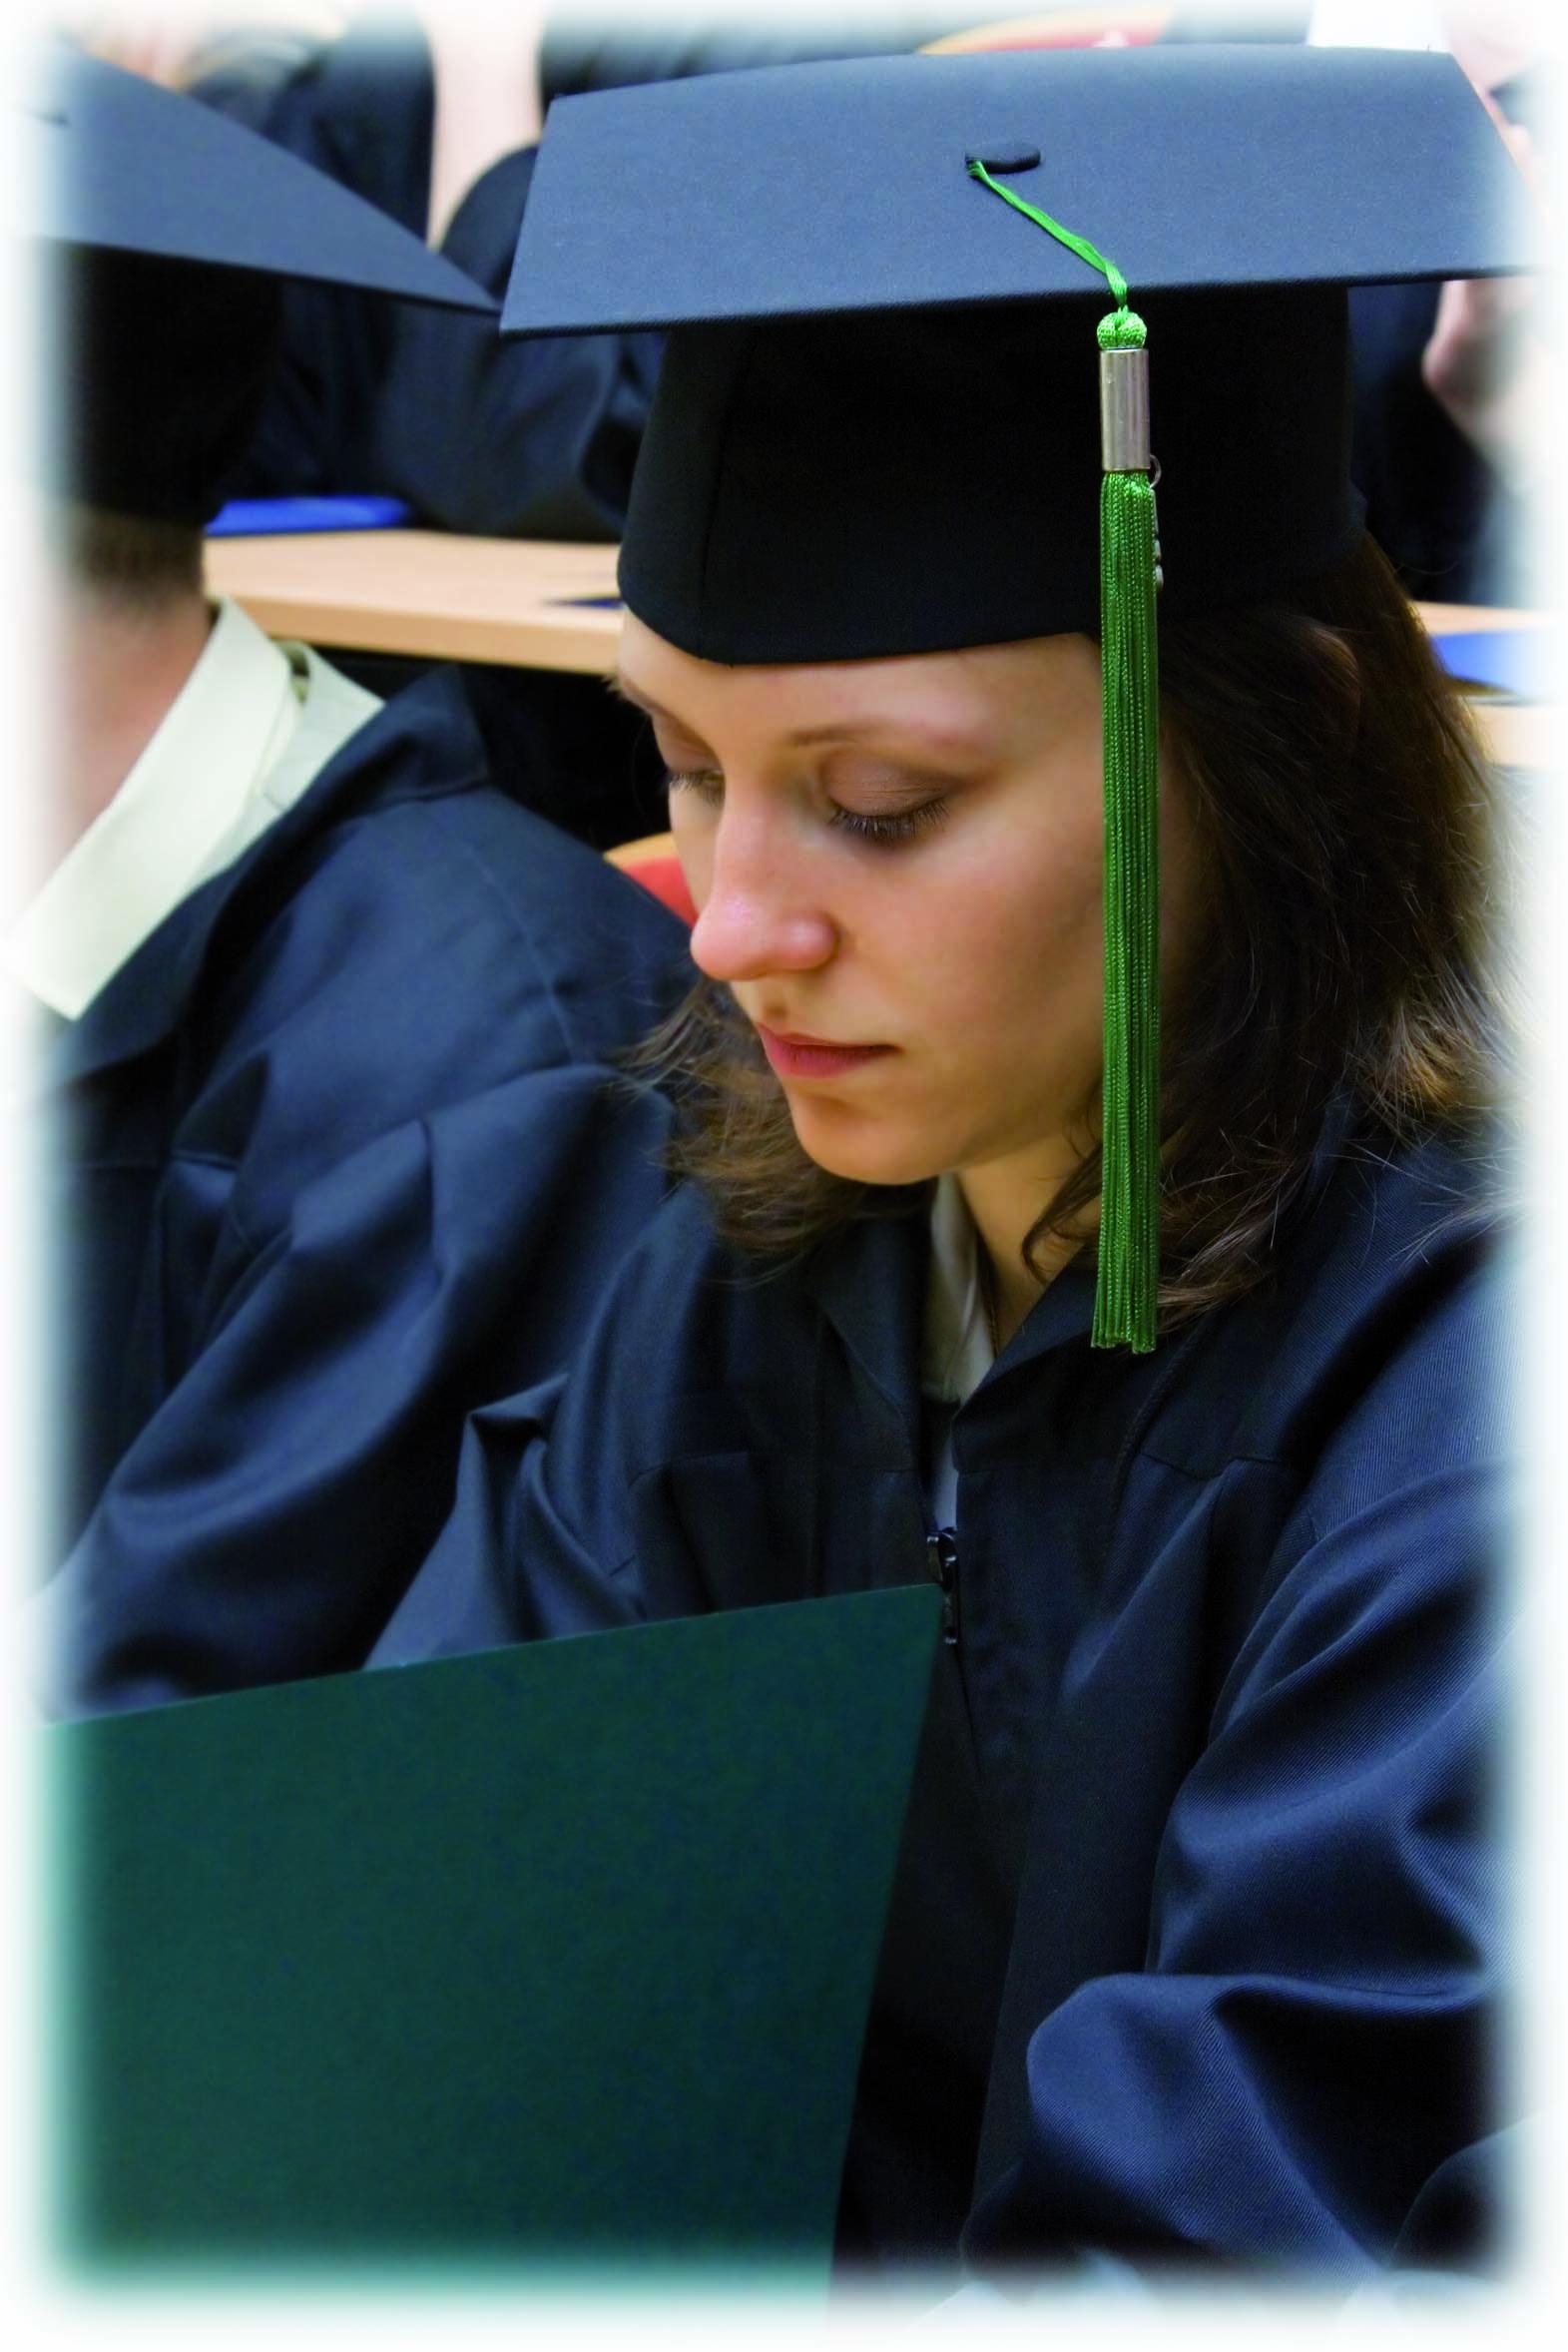 Banques et assurances, priorité aux diplômés